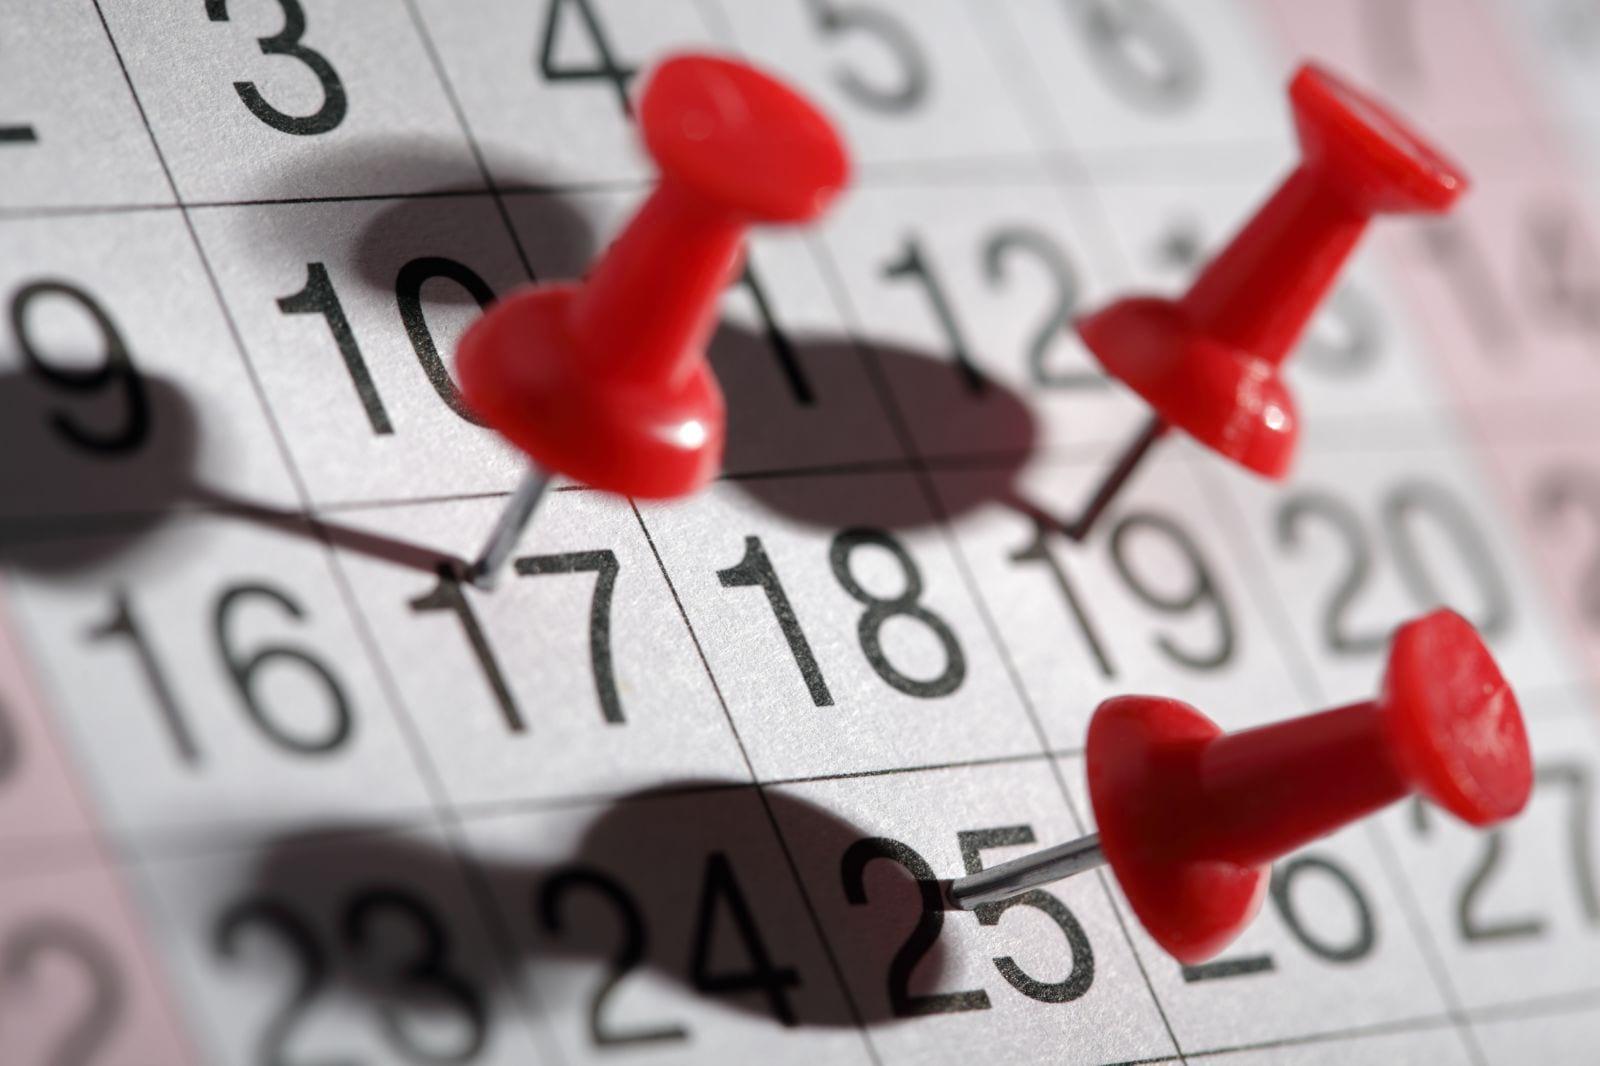 Считаются ли праздники в отпуск?